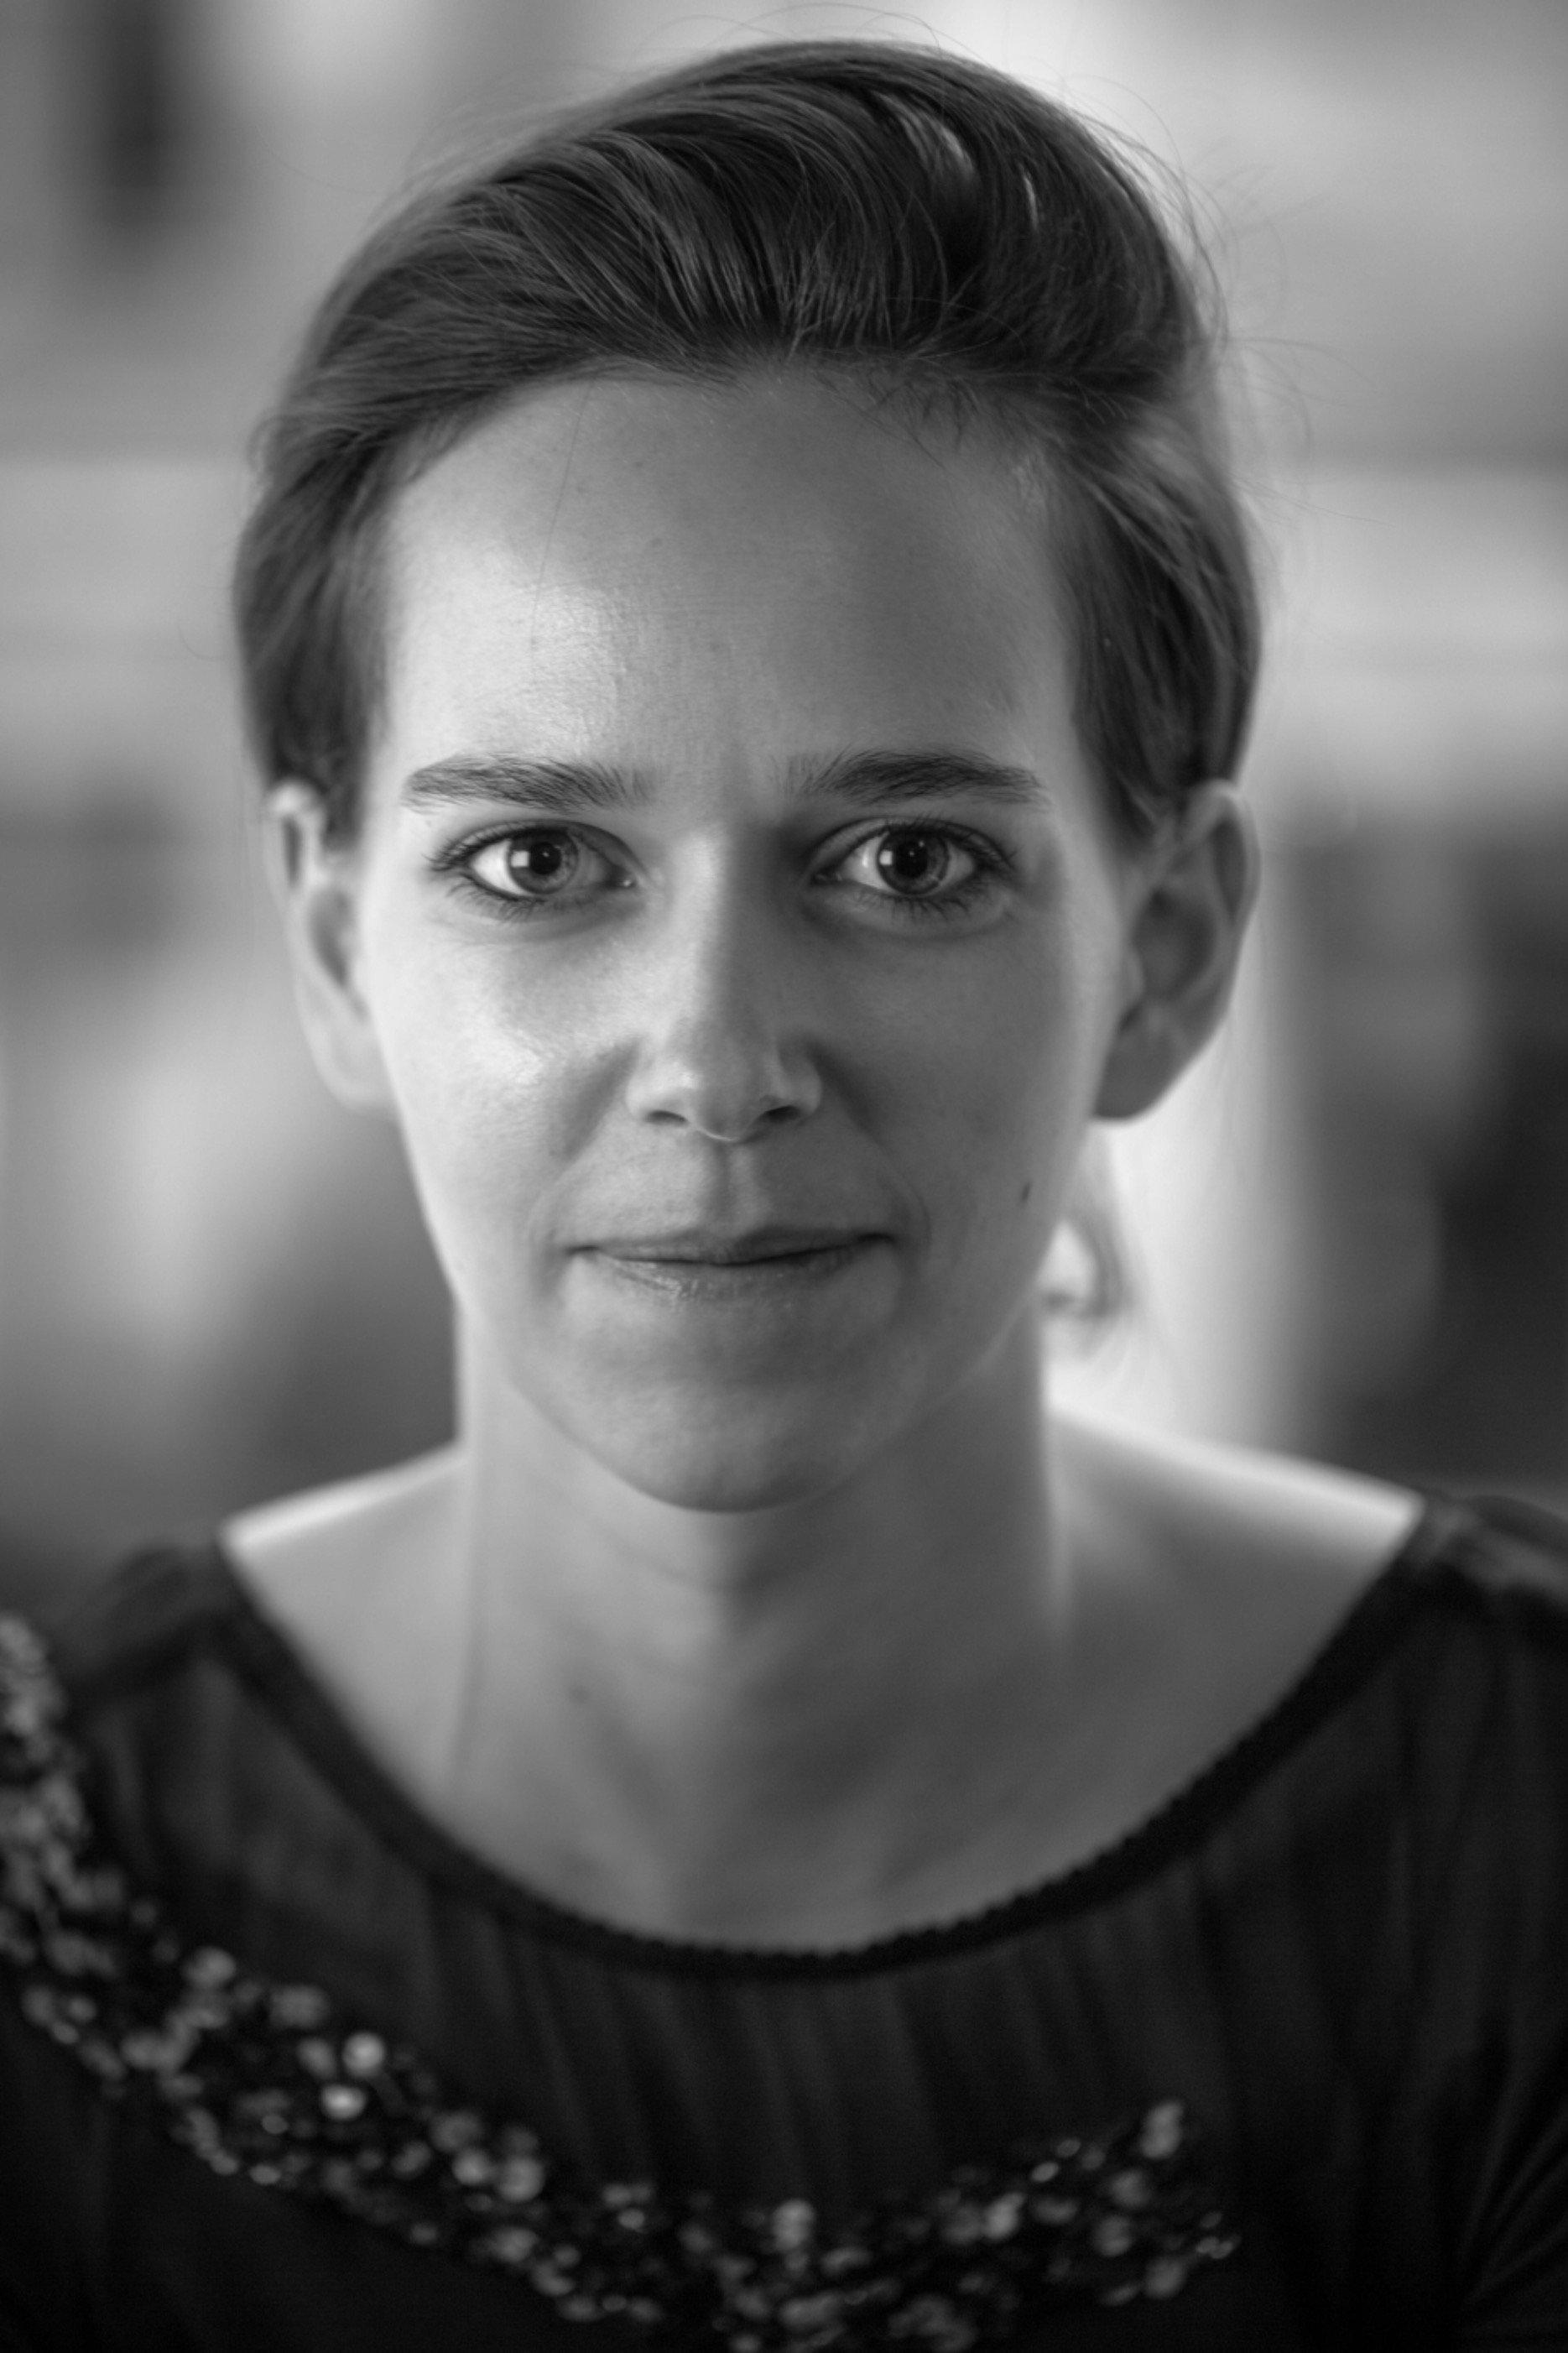 Sarah-Jane Martin